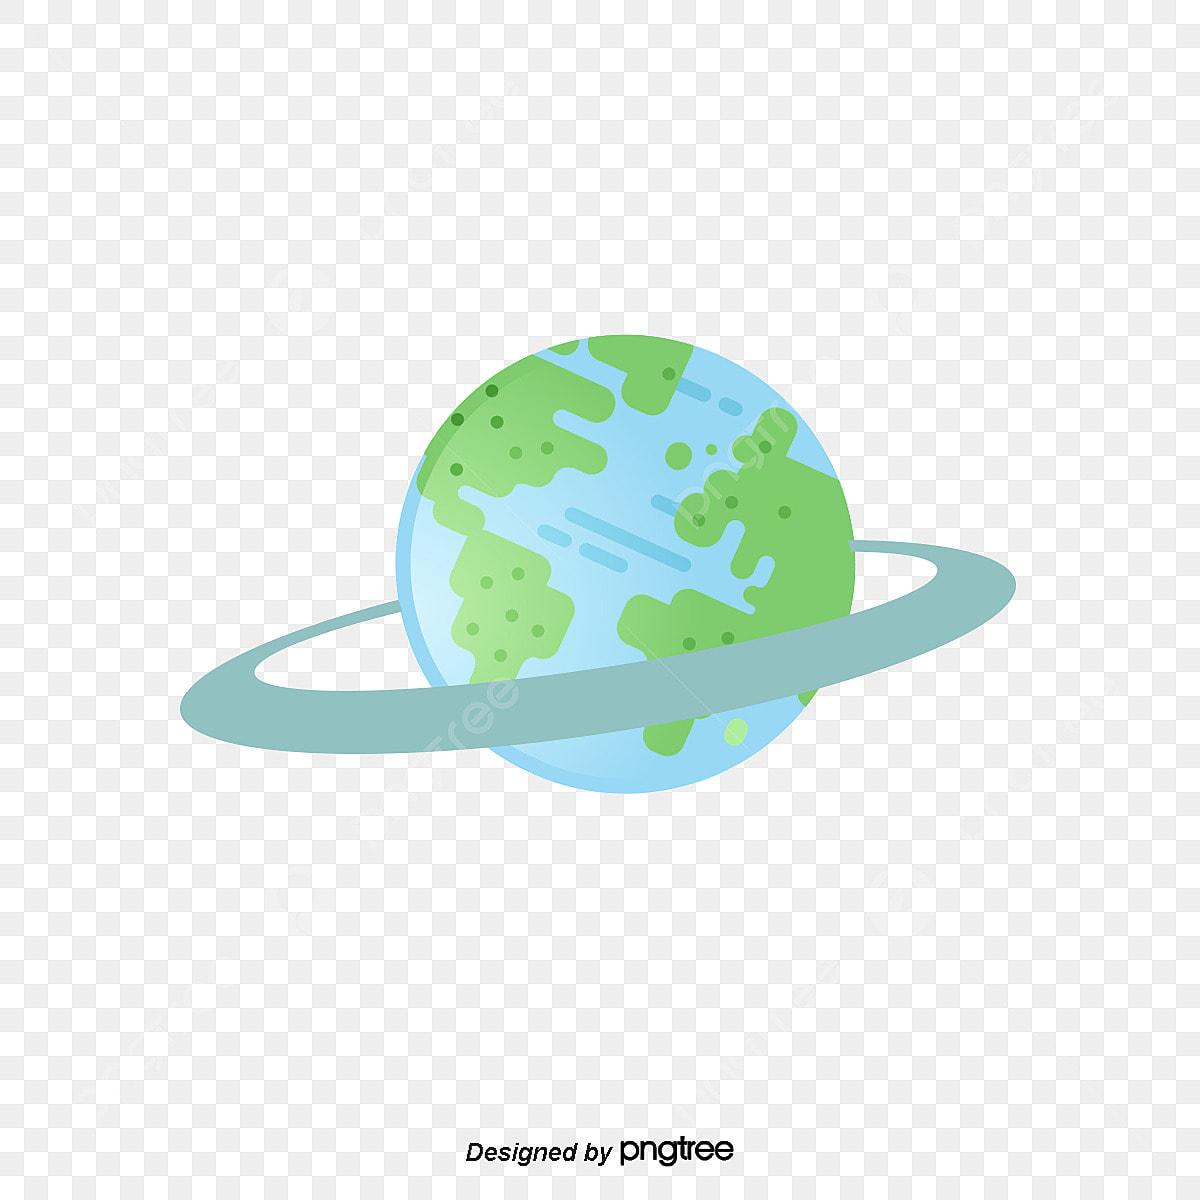 Le Dessin De La Planete Dessin Planete Fichier Png Et Psd Pour Le Telechargement Libre